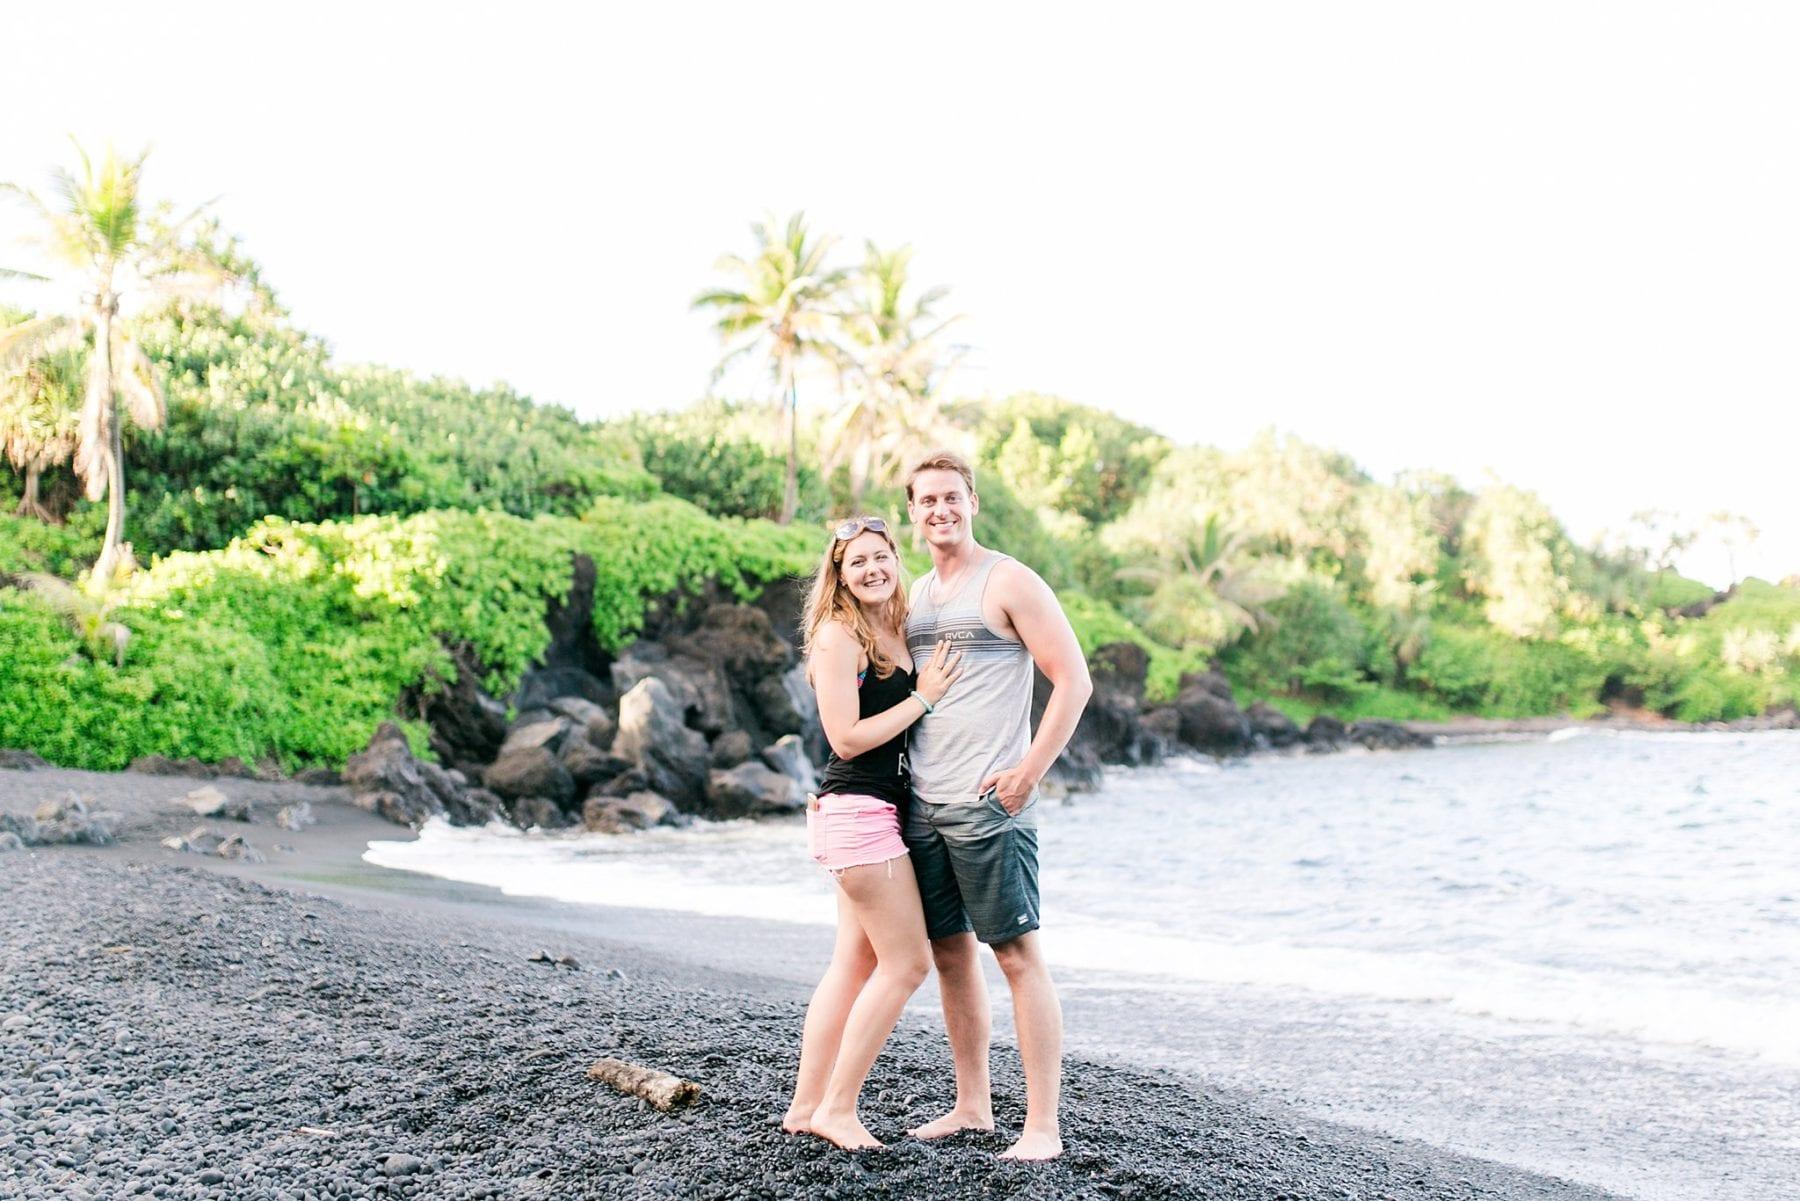 Justin & Megan Hawaiian Honeymoon Maui Oahu Vacation Photos--58.jpg